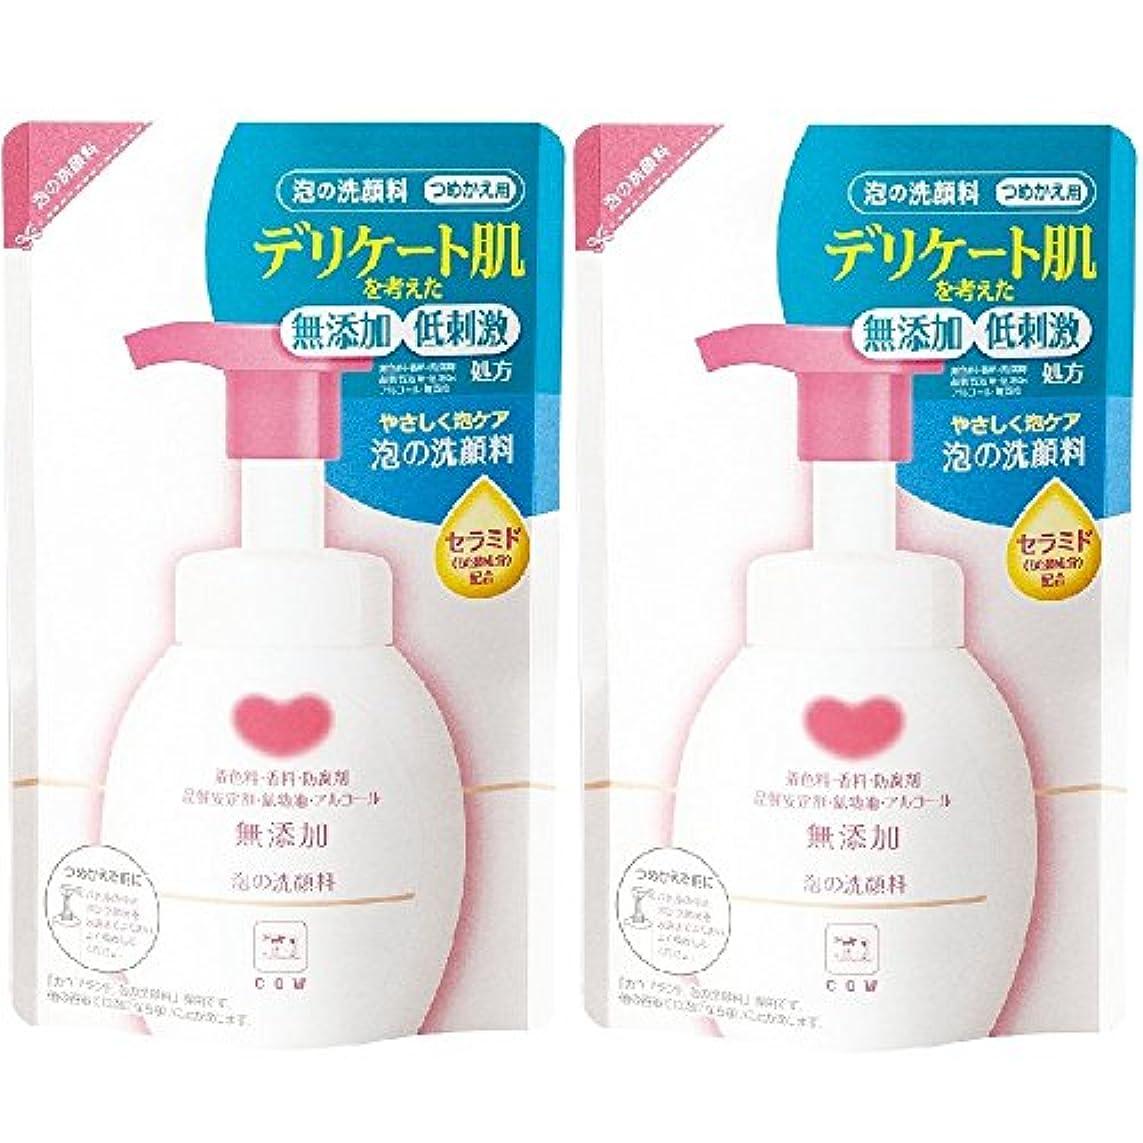 同等の侵略スワップカウブランド 無添加 泡の洗顔料 詰替用 2個組 (180mL×2個)